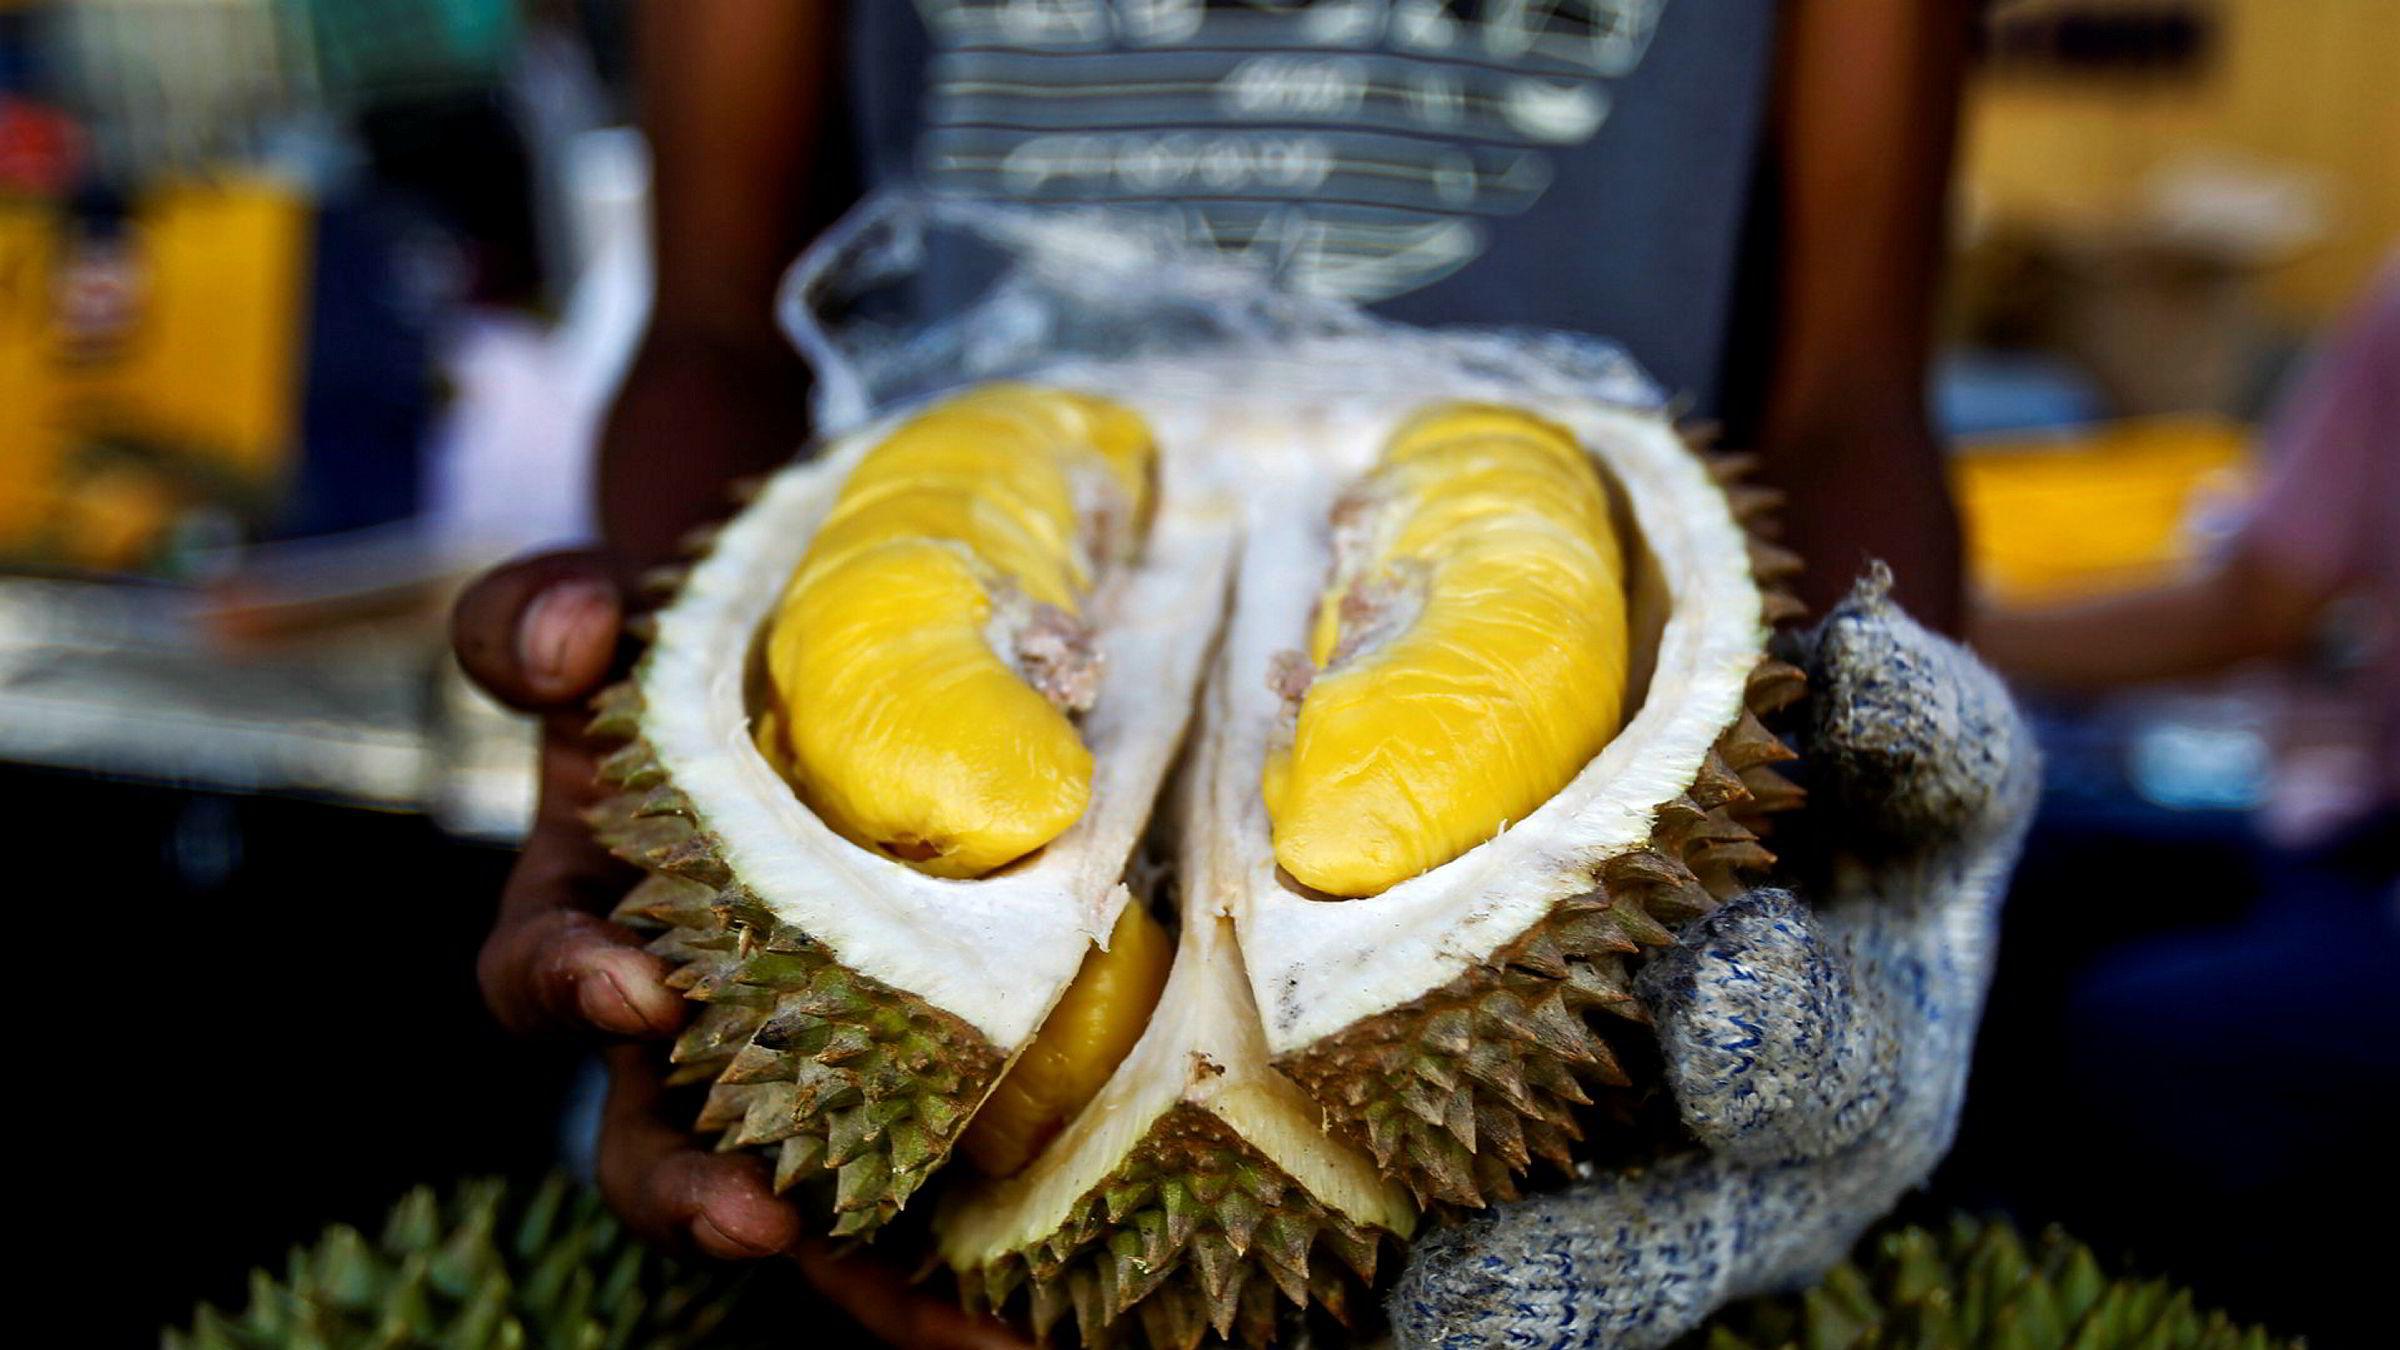 Den kinesiske middelklassen har fått sans for den sørøstasiatiske frukten durian. Den thailandske eksporten av durian til Kina økte med 700 prosent i april.